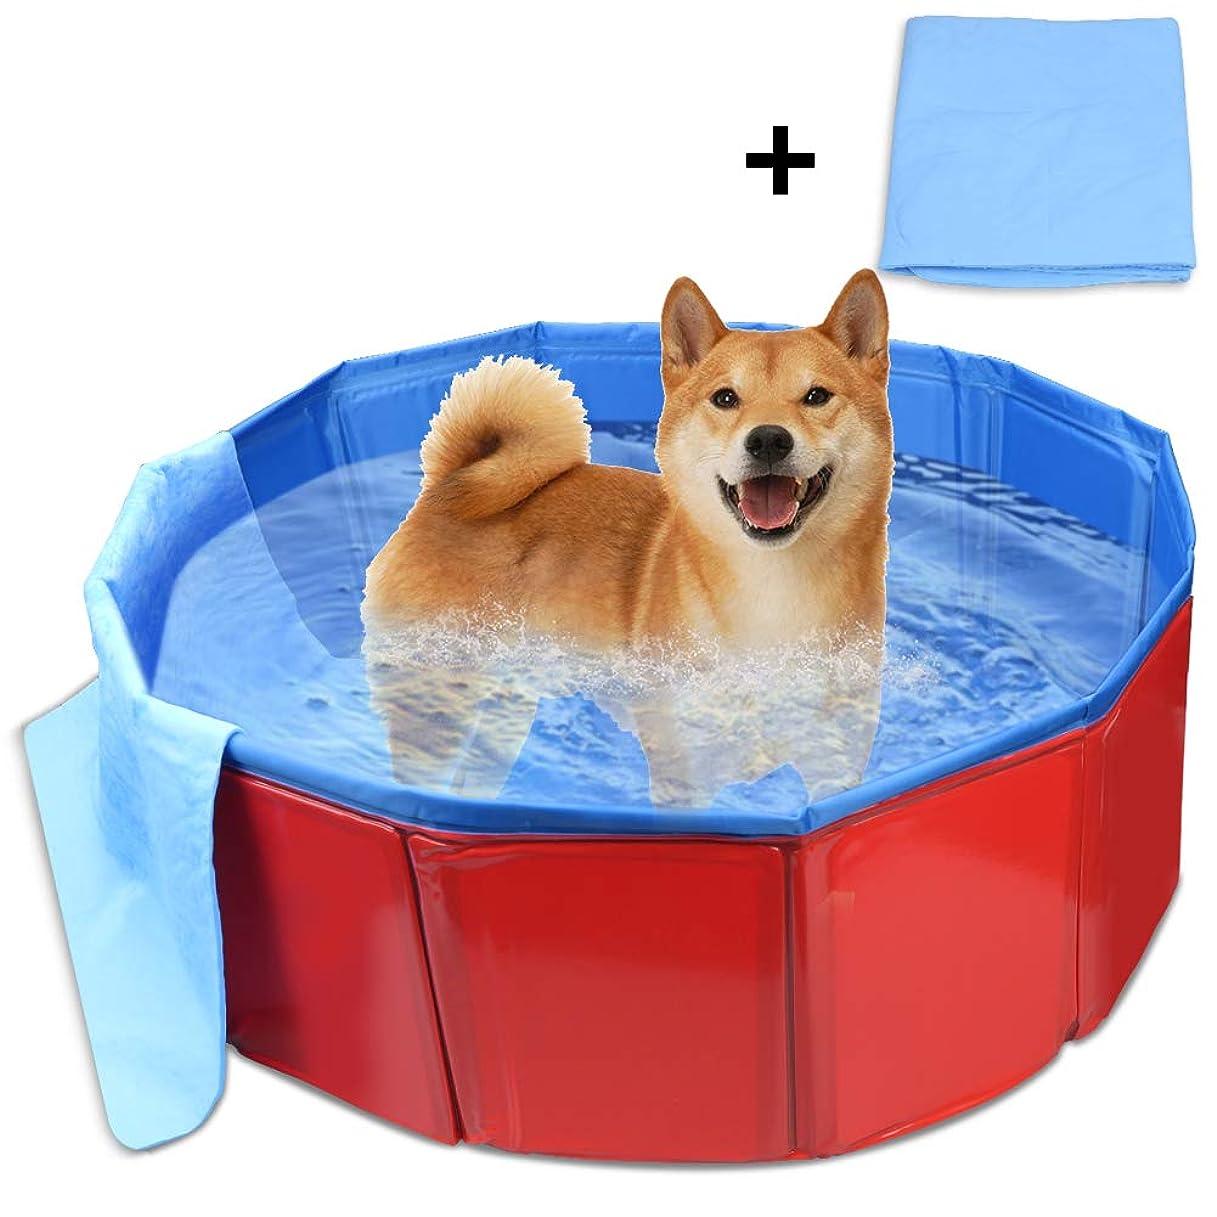 フリンジまつげ接地Mersuii ペット用プール 折り畳みプール バスグッズ お風呂 空気不要 水抜き栓付き 大中小型犬に適用(80x20)